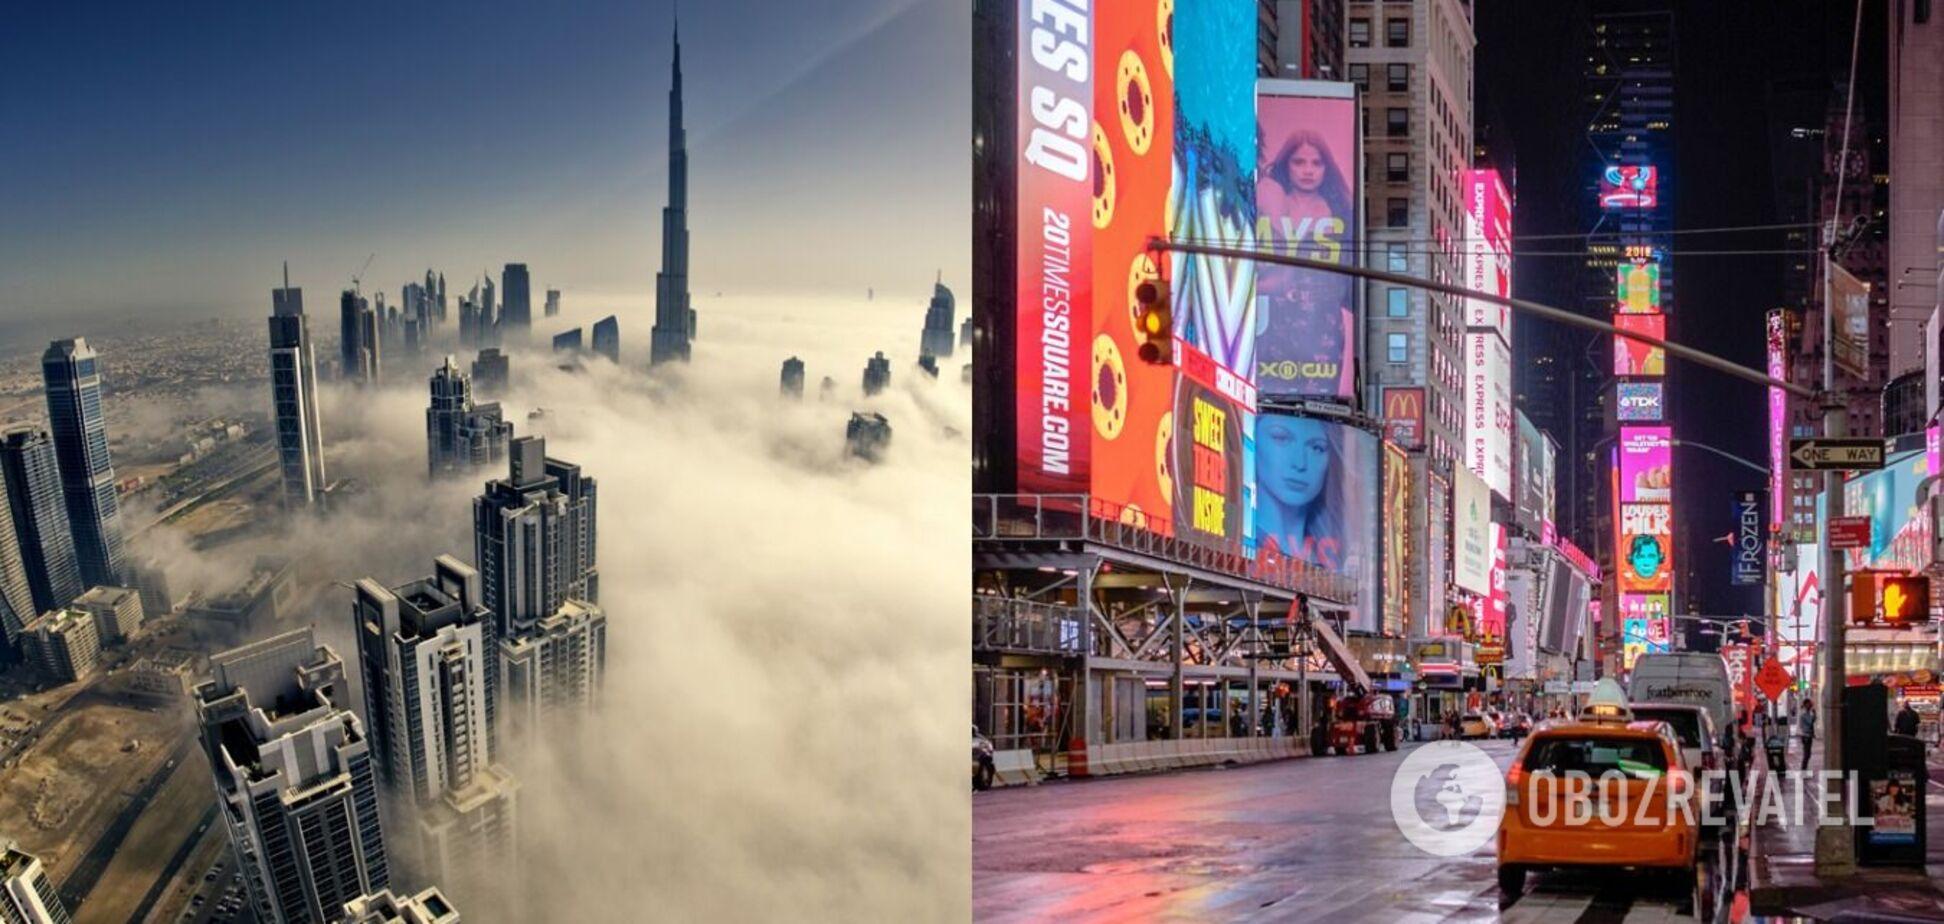 Як змінилися найбільші міста світу за 100 років. Фото